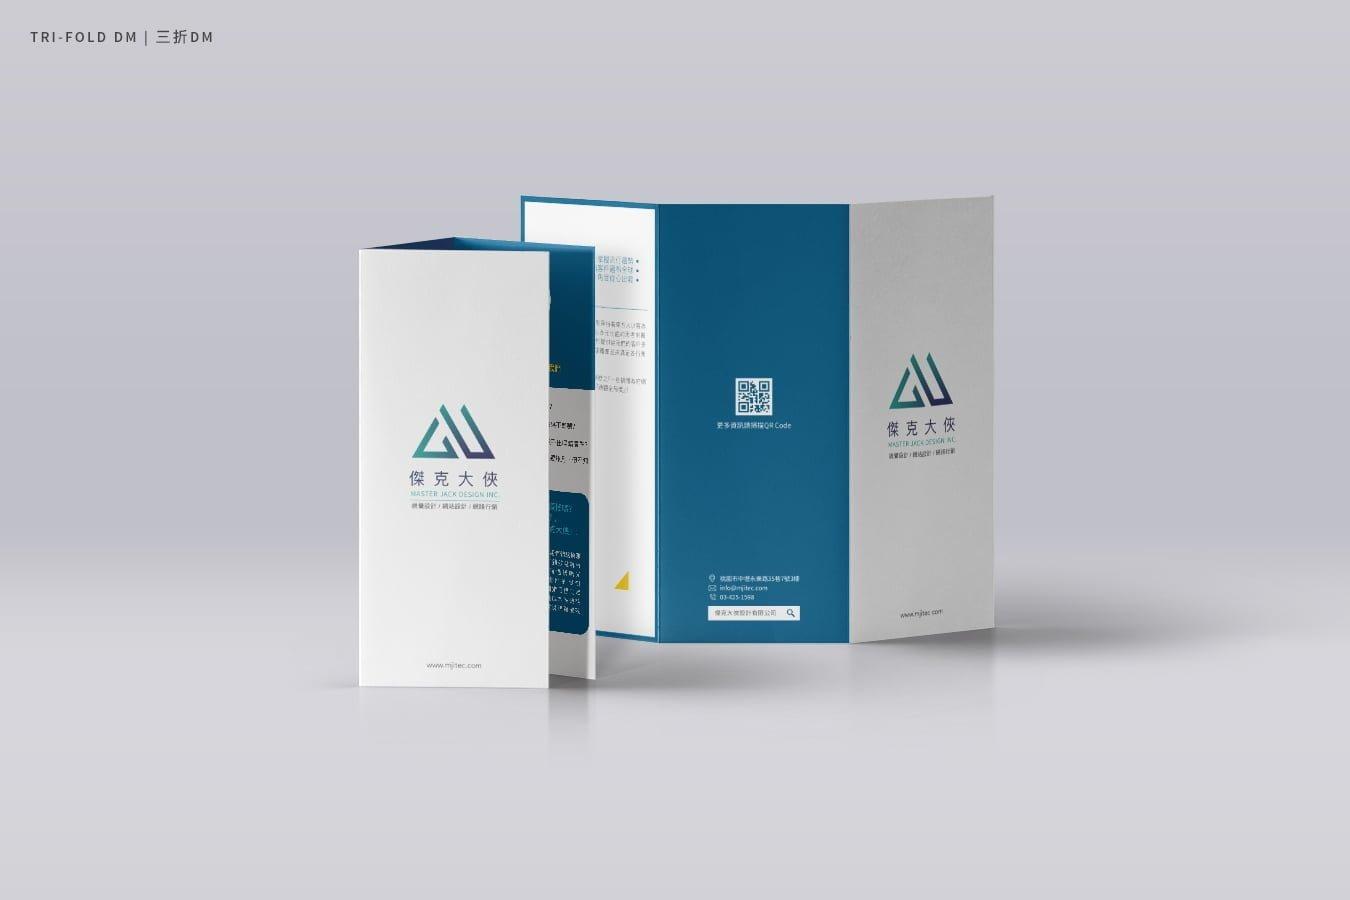 DM設計   海報設計   公司簡介、產品服務、活動宣傳,平面文宣DM海報專家就是我們傑克大俠